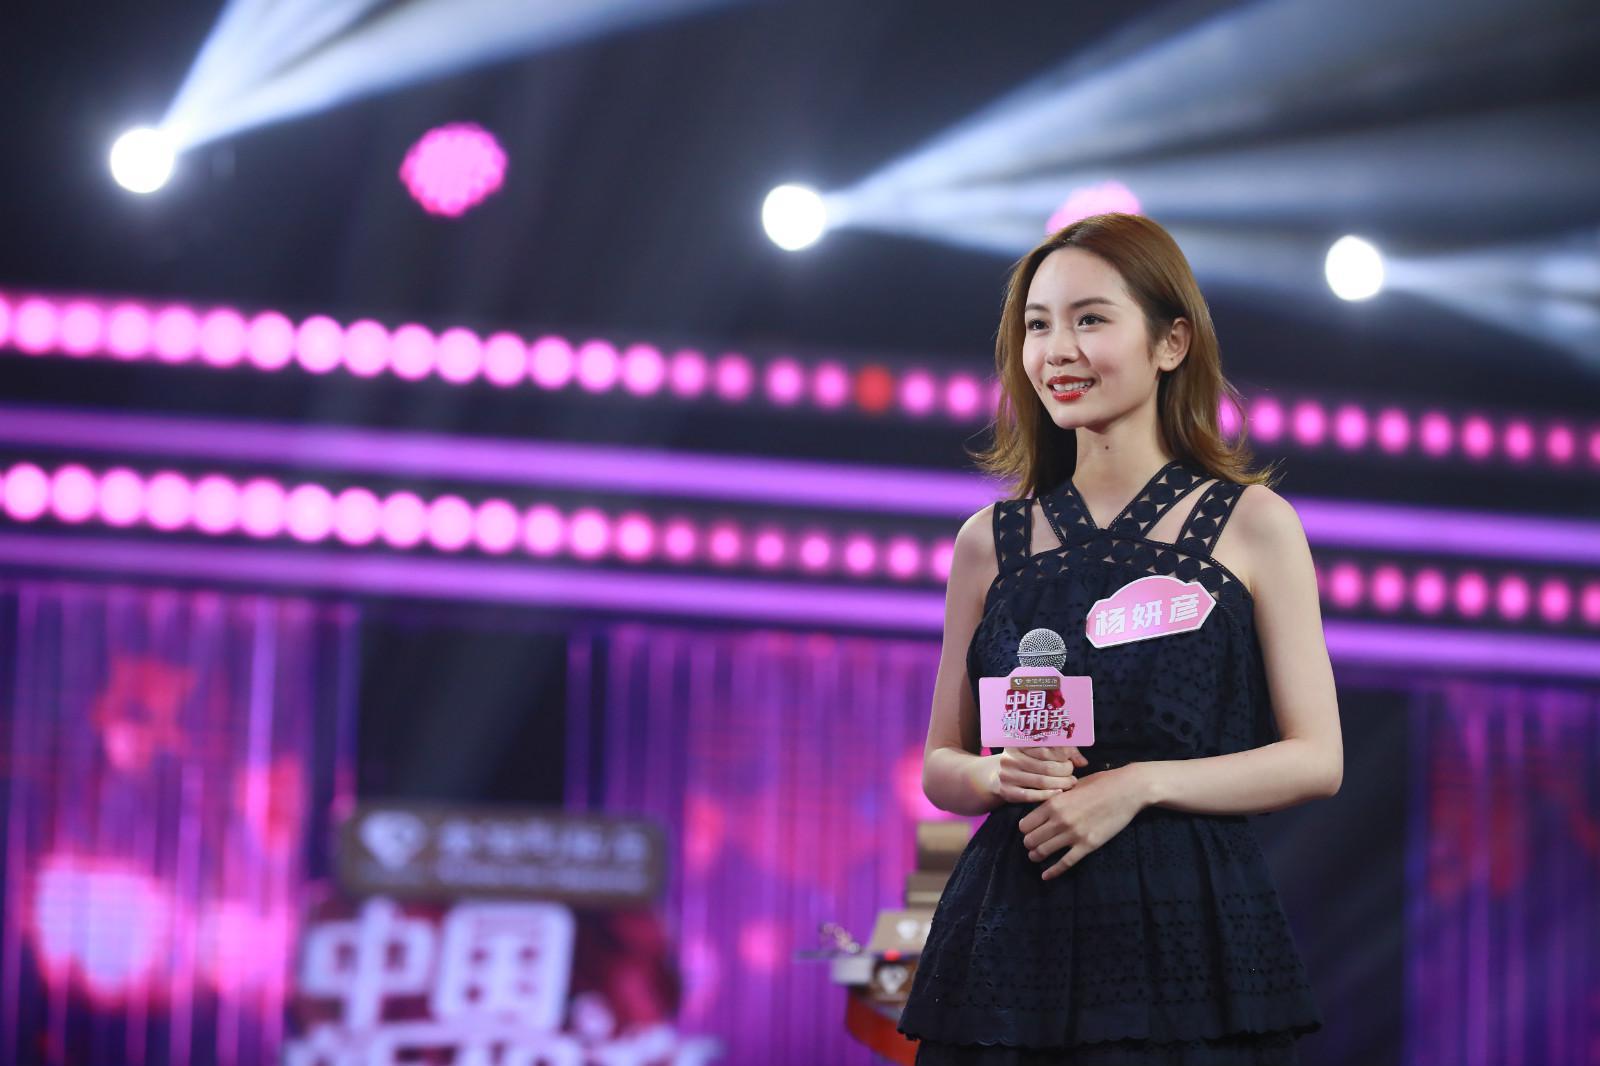 """《中国新相亲》女强人为""""剩女""""发声获点赞你是我的幸福演员表避税与反避税"""